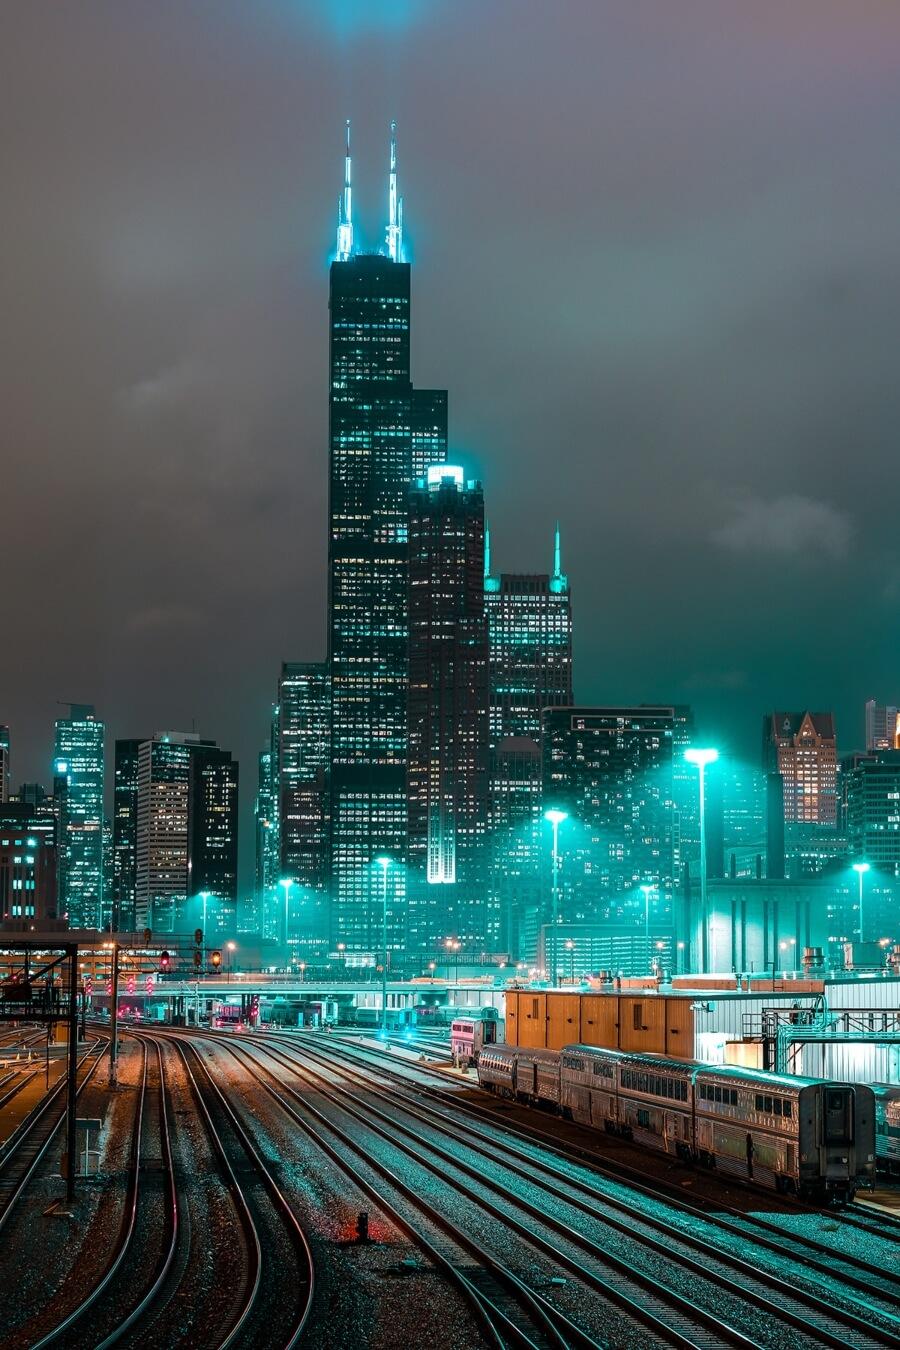 Gareth Pon retrata la belleza de la ciudad en estas fotografías